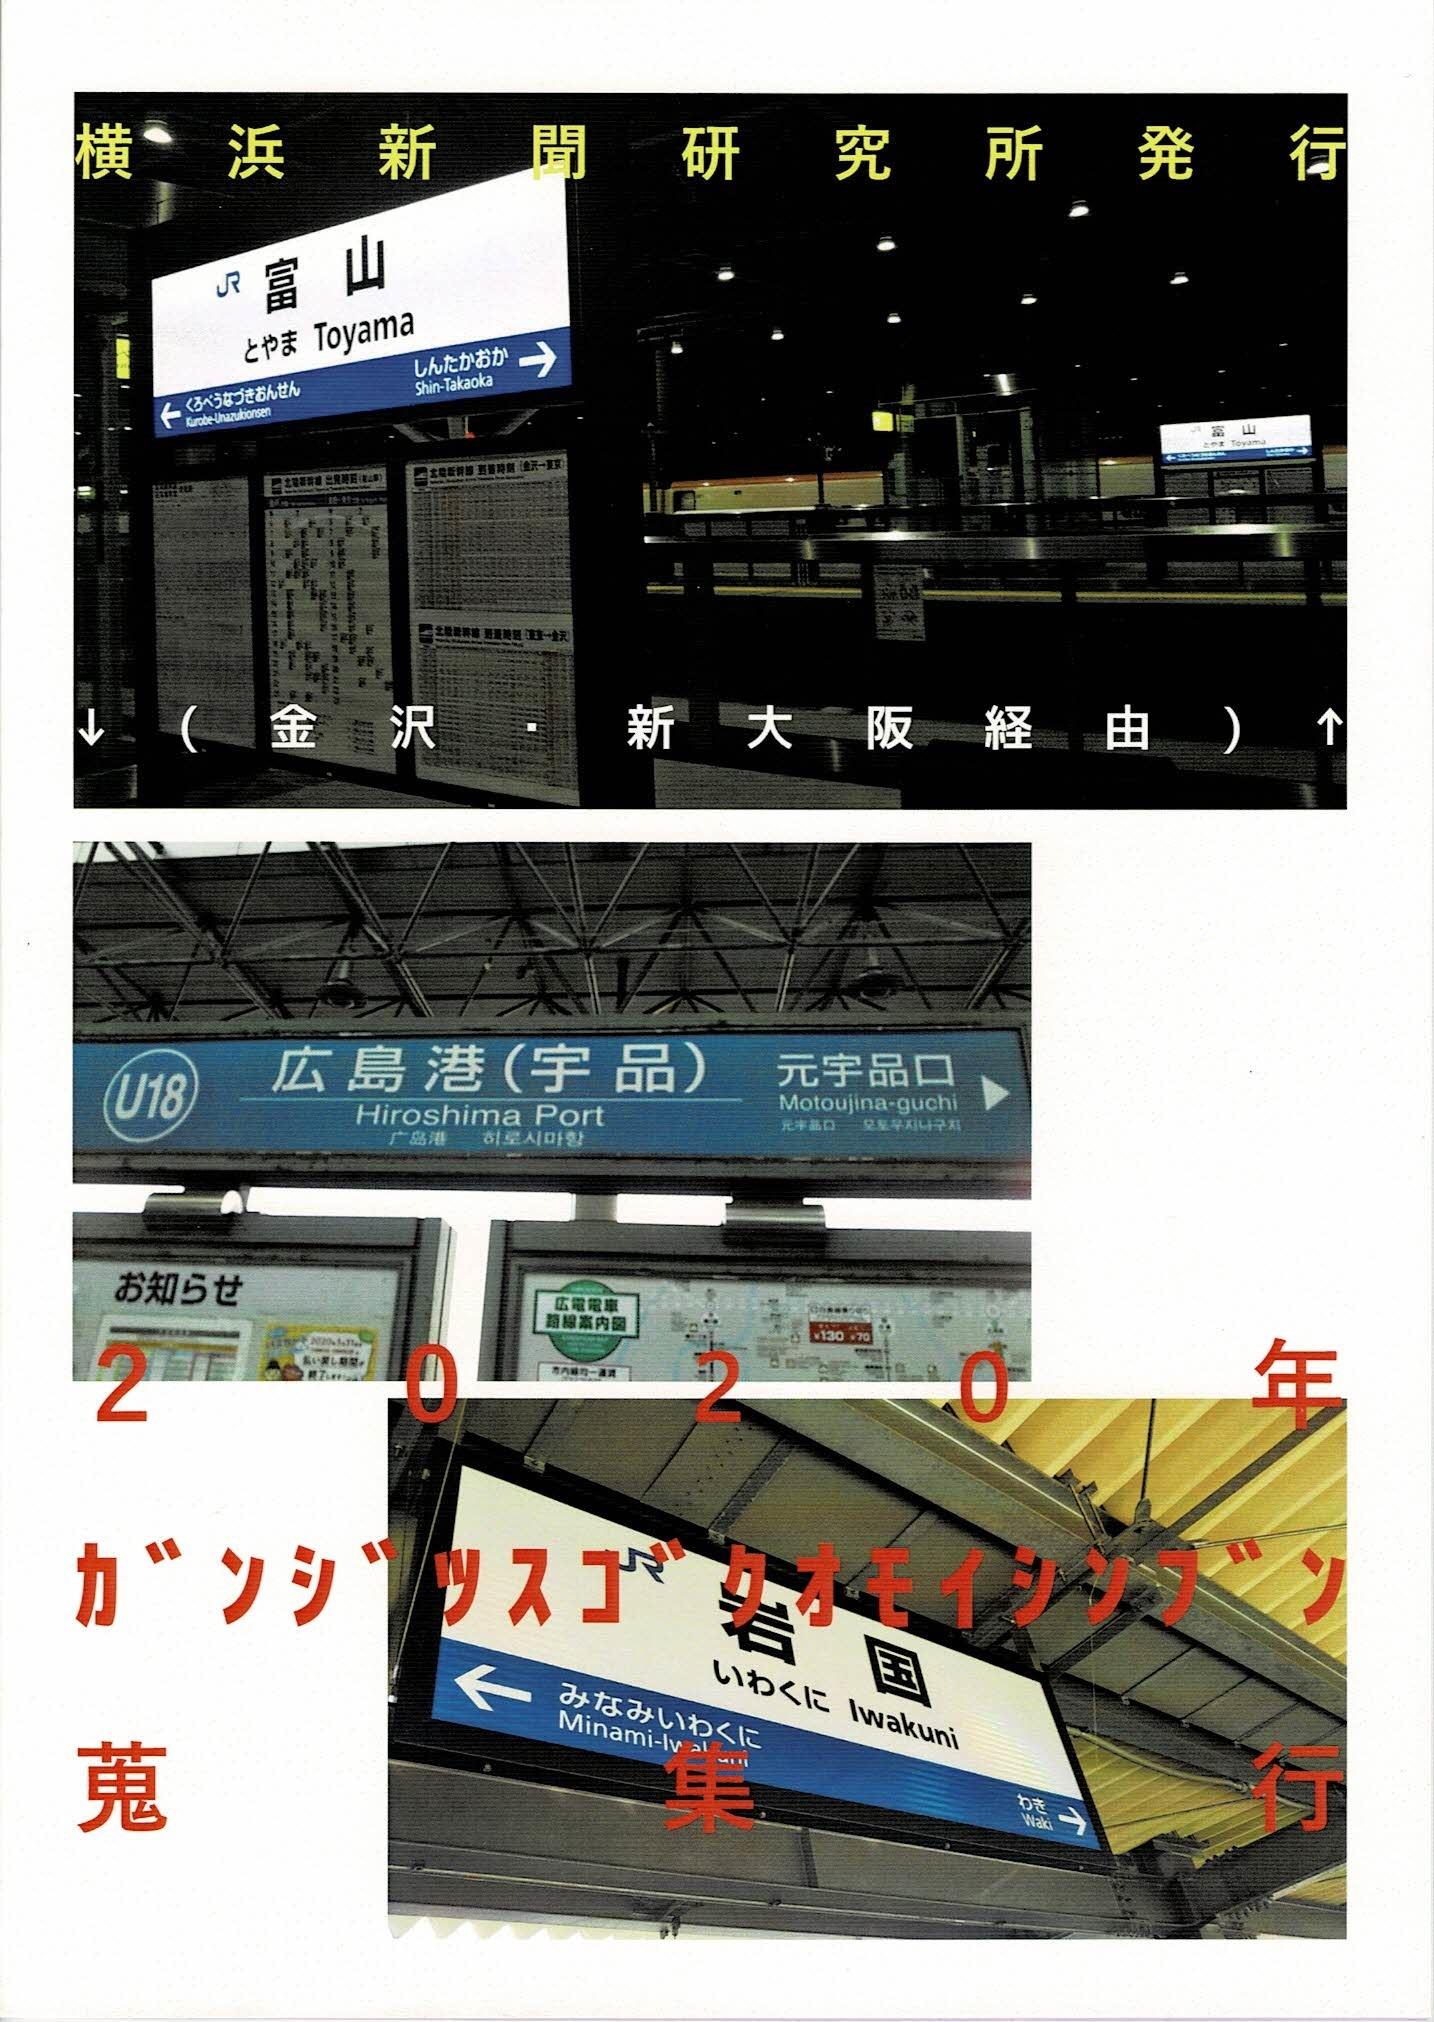 2020年ガンジツスゴクオモイシンブン蒐集行 【横浜新聞研究所】画像